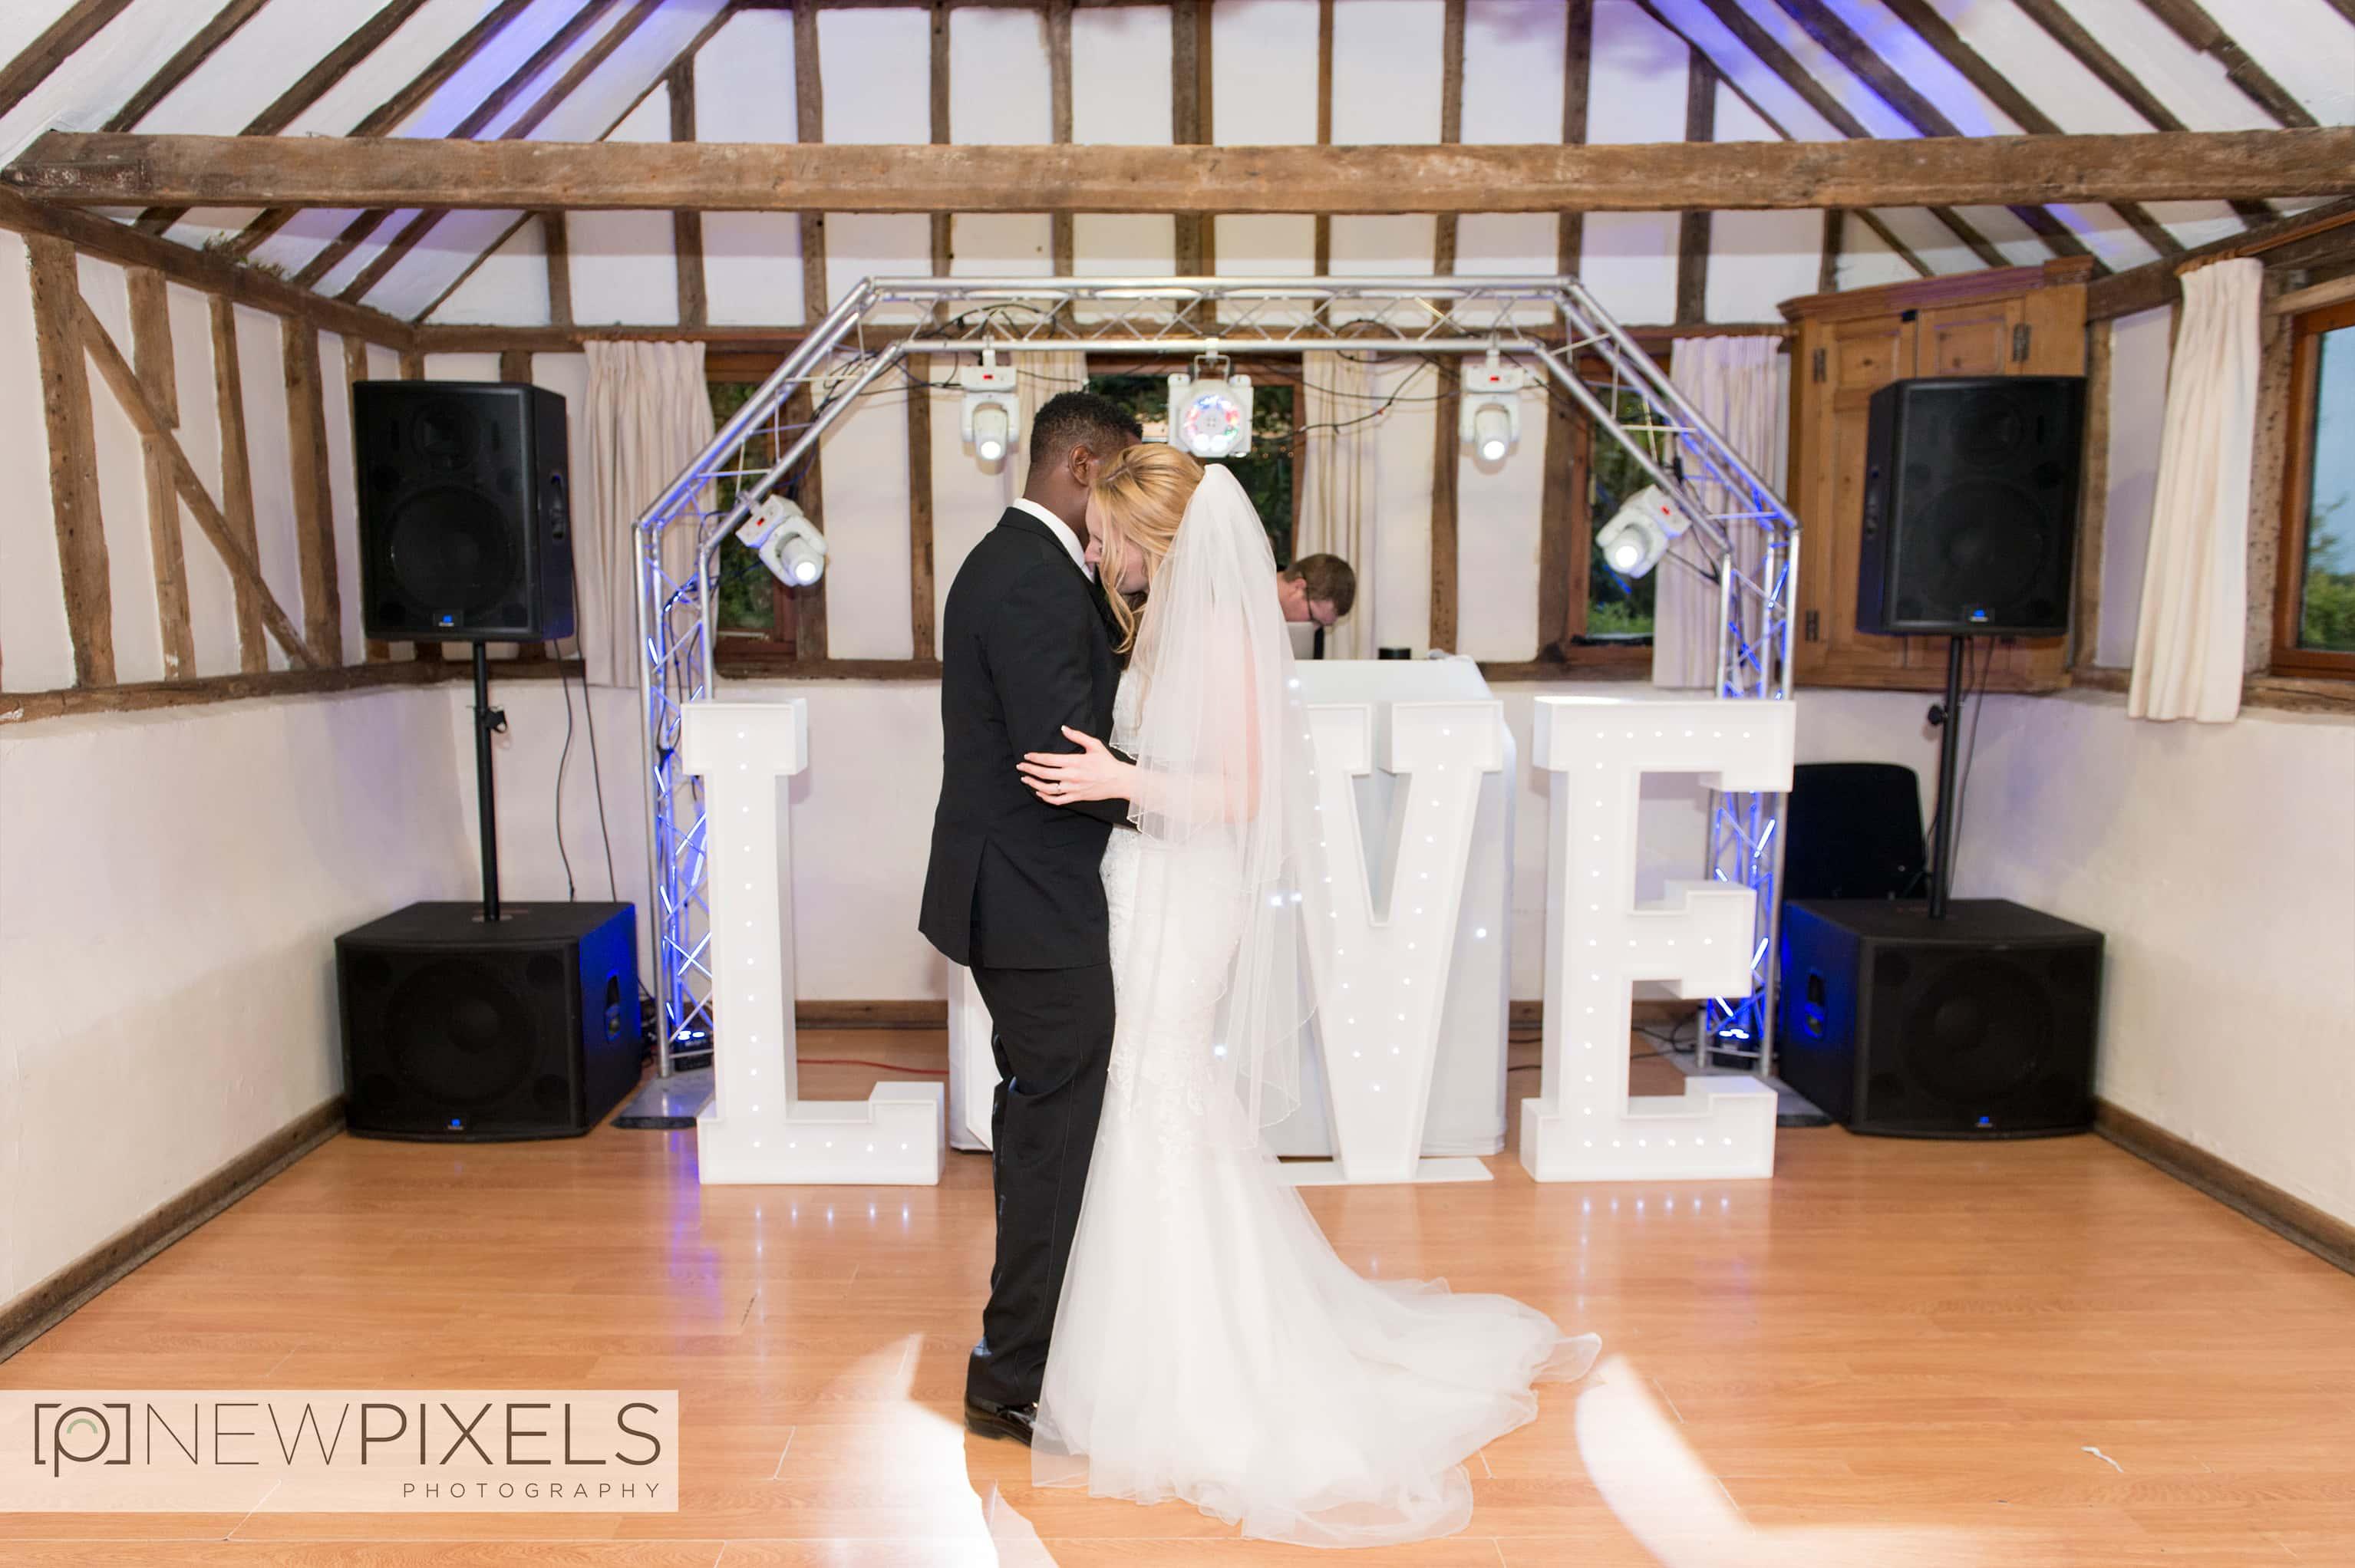 Reid_Rooms_Wedding_Photography_NewPixels1 copy